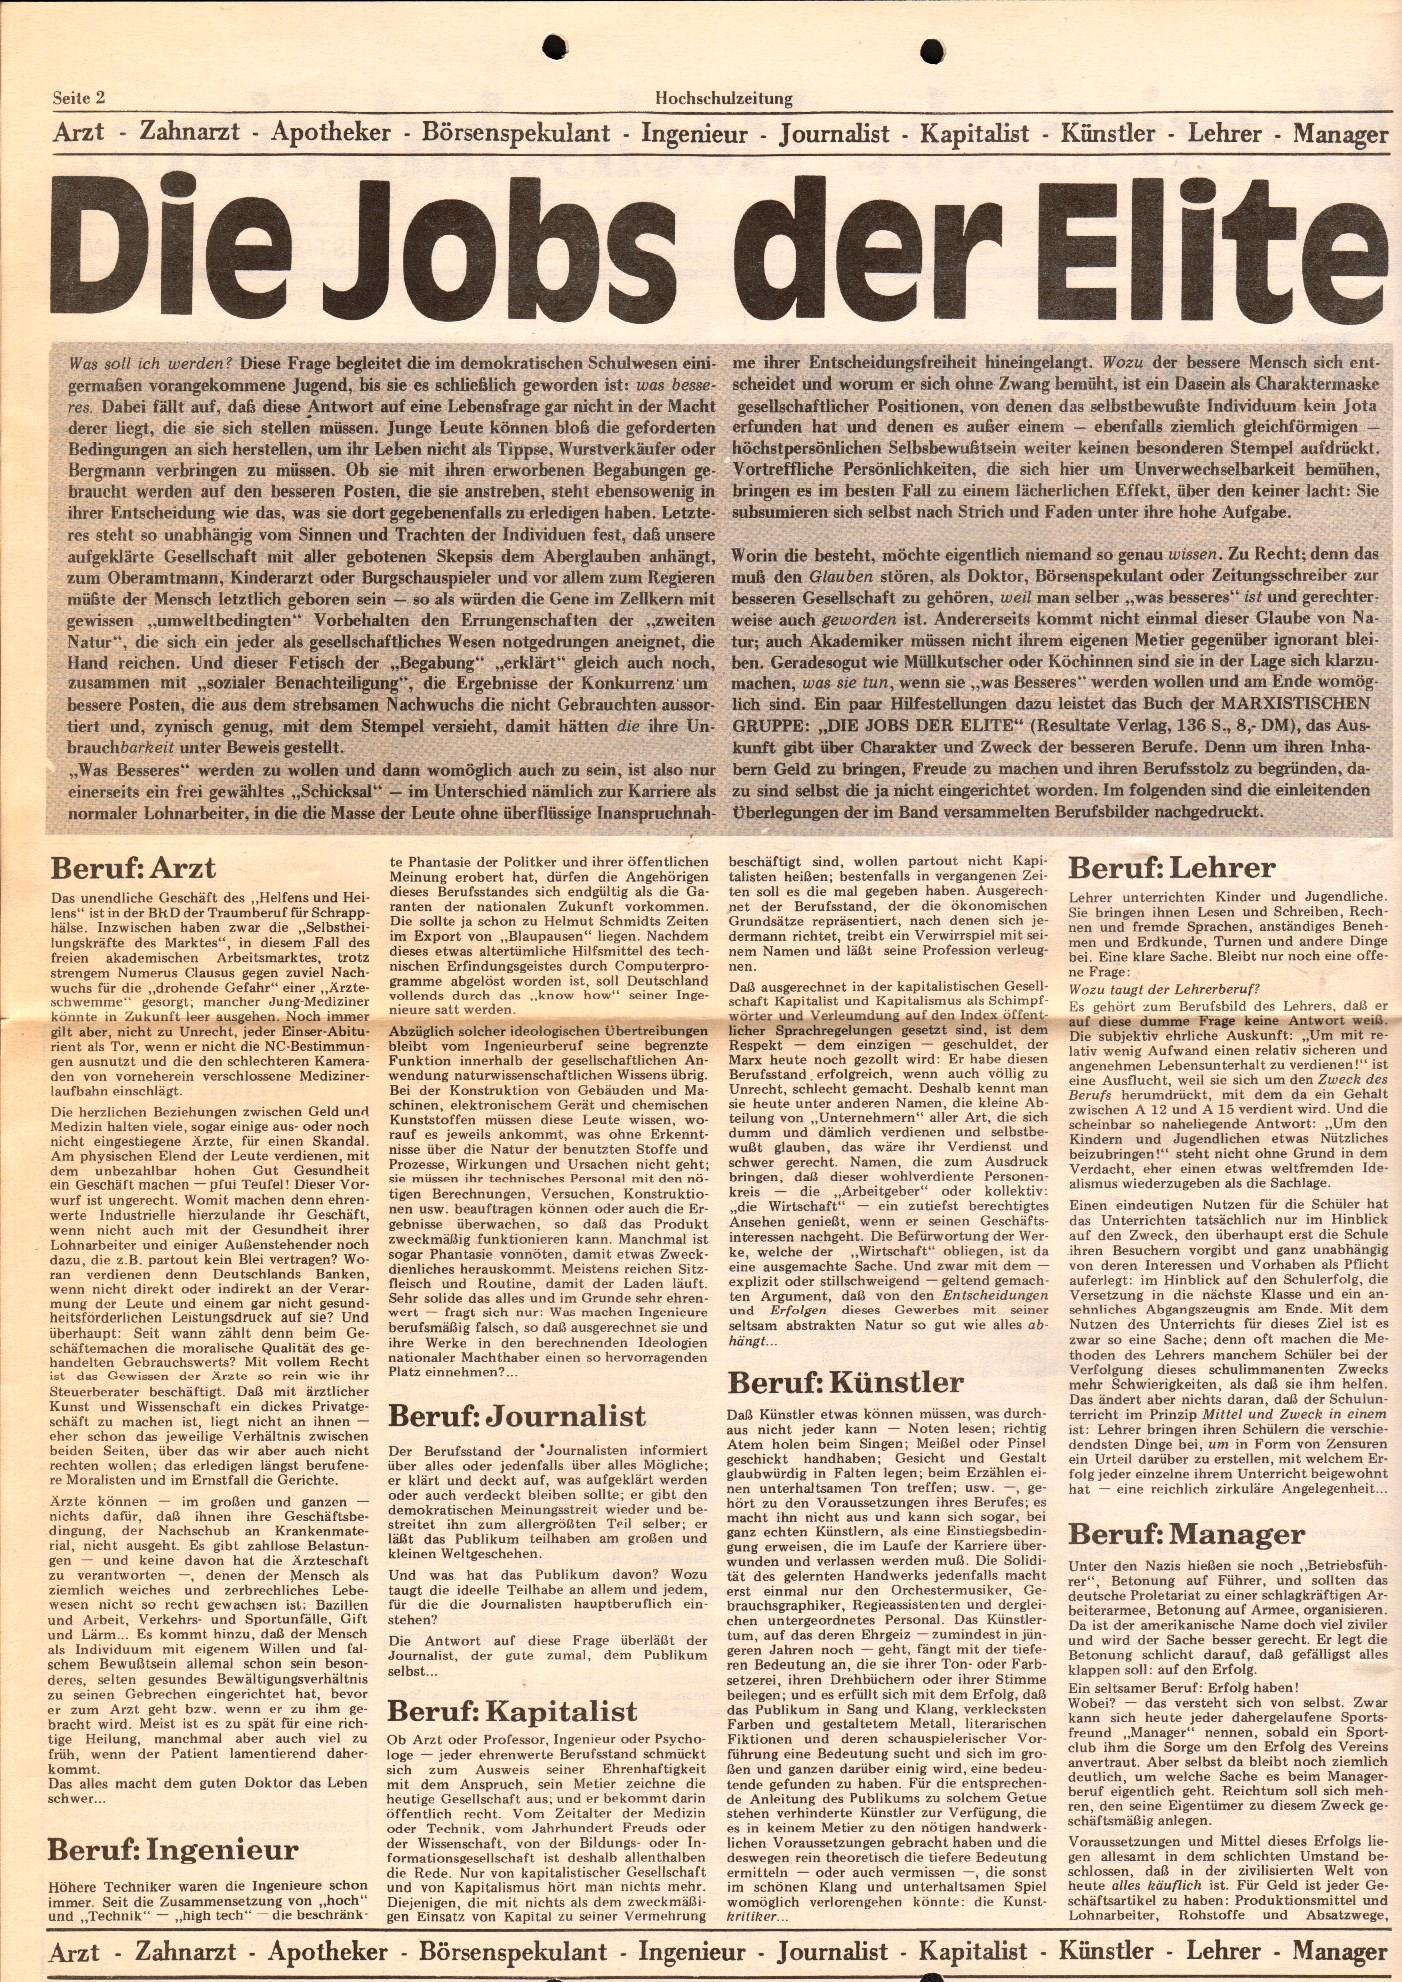 Ruhrgebiet_MG_Marxistische_Hochschulzeitung_19901008_02